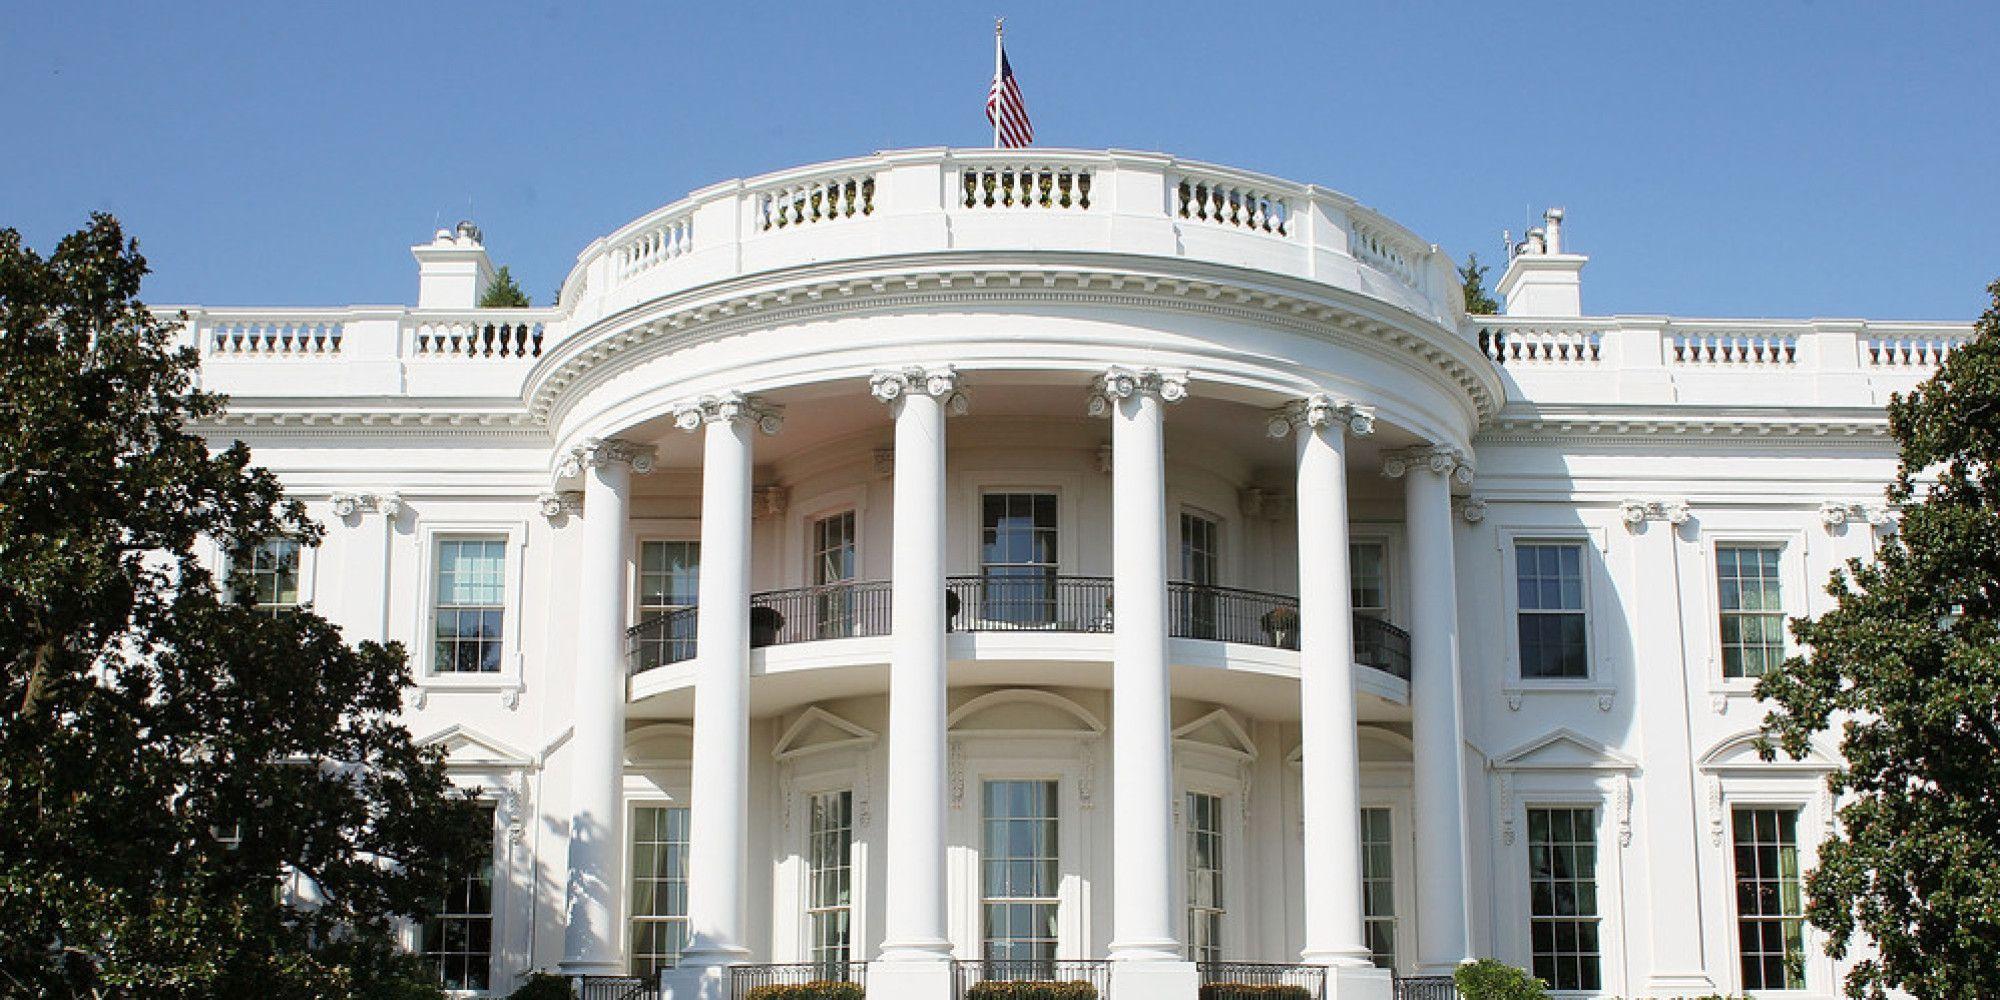 Usa: sparatoria vicino alla Casa Bianca, colpito un uomo. Obama è in sicurezza